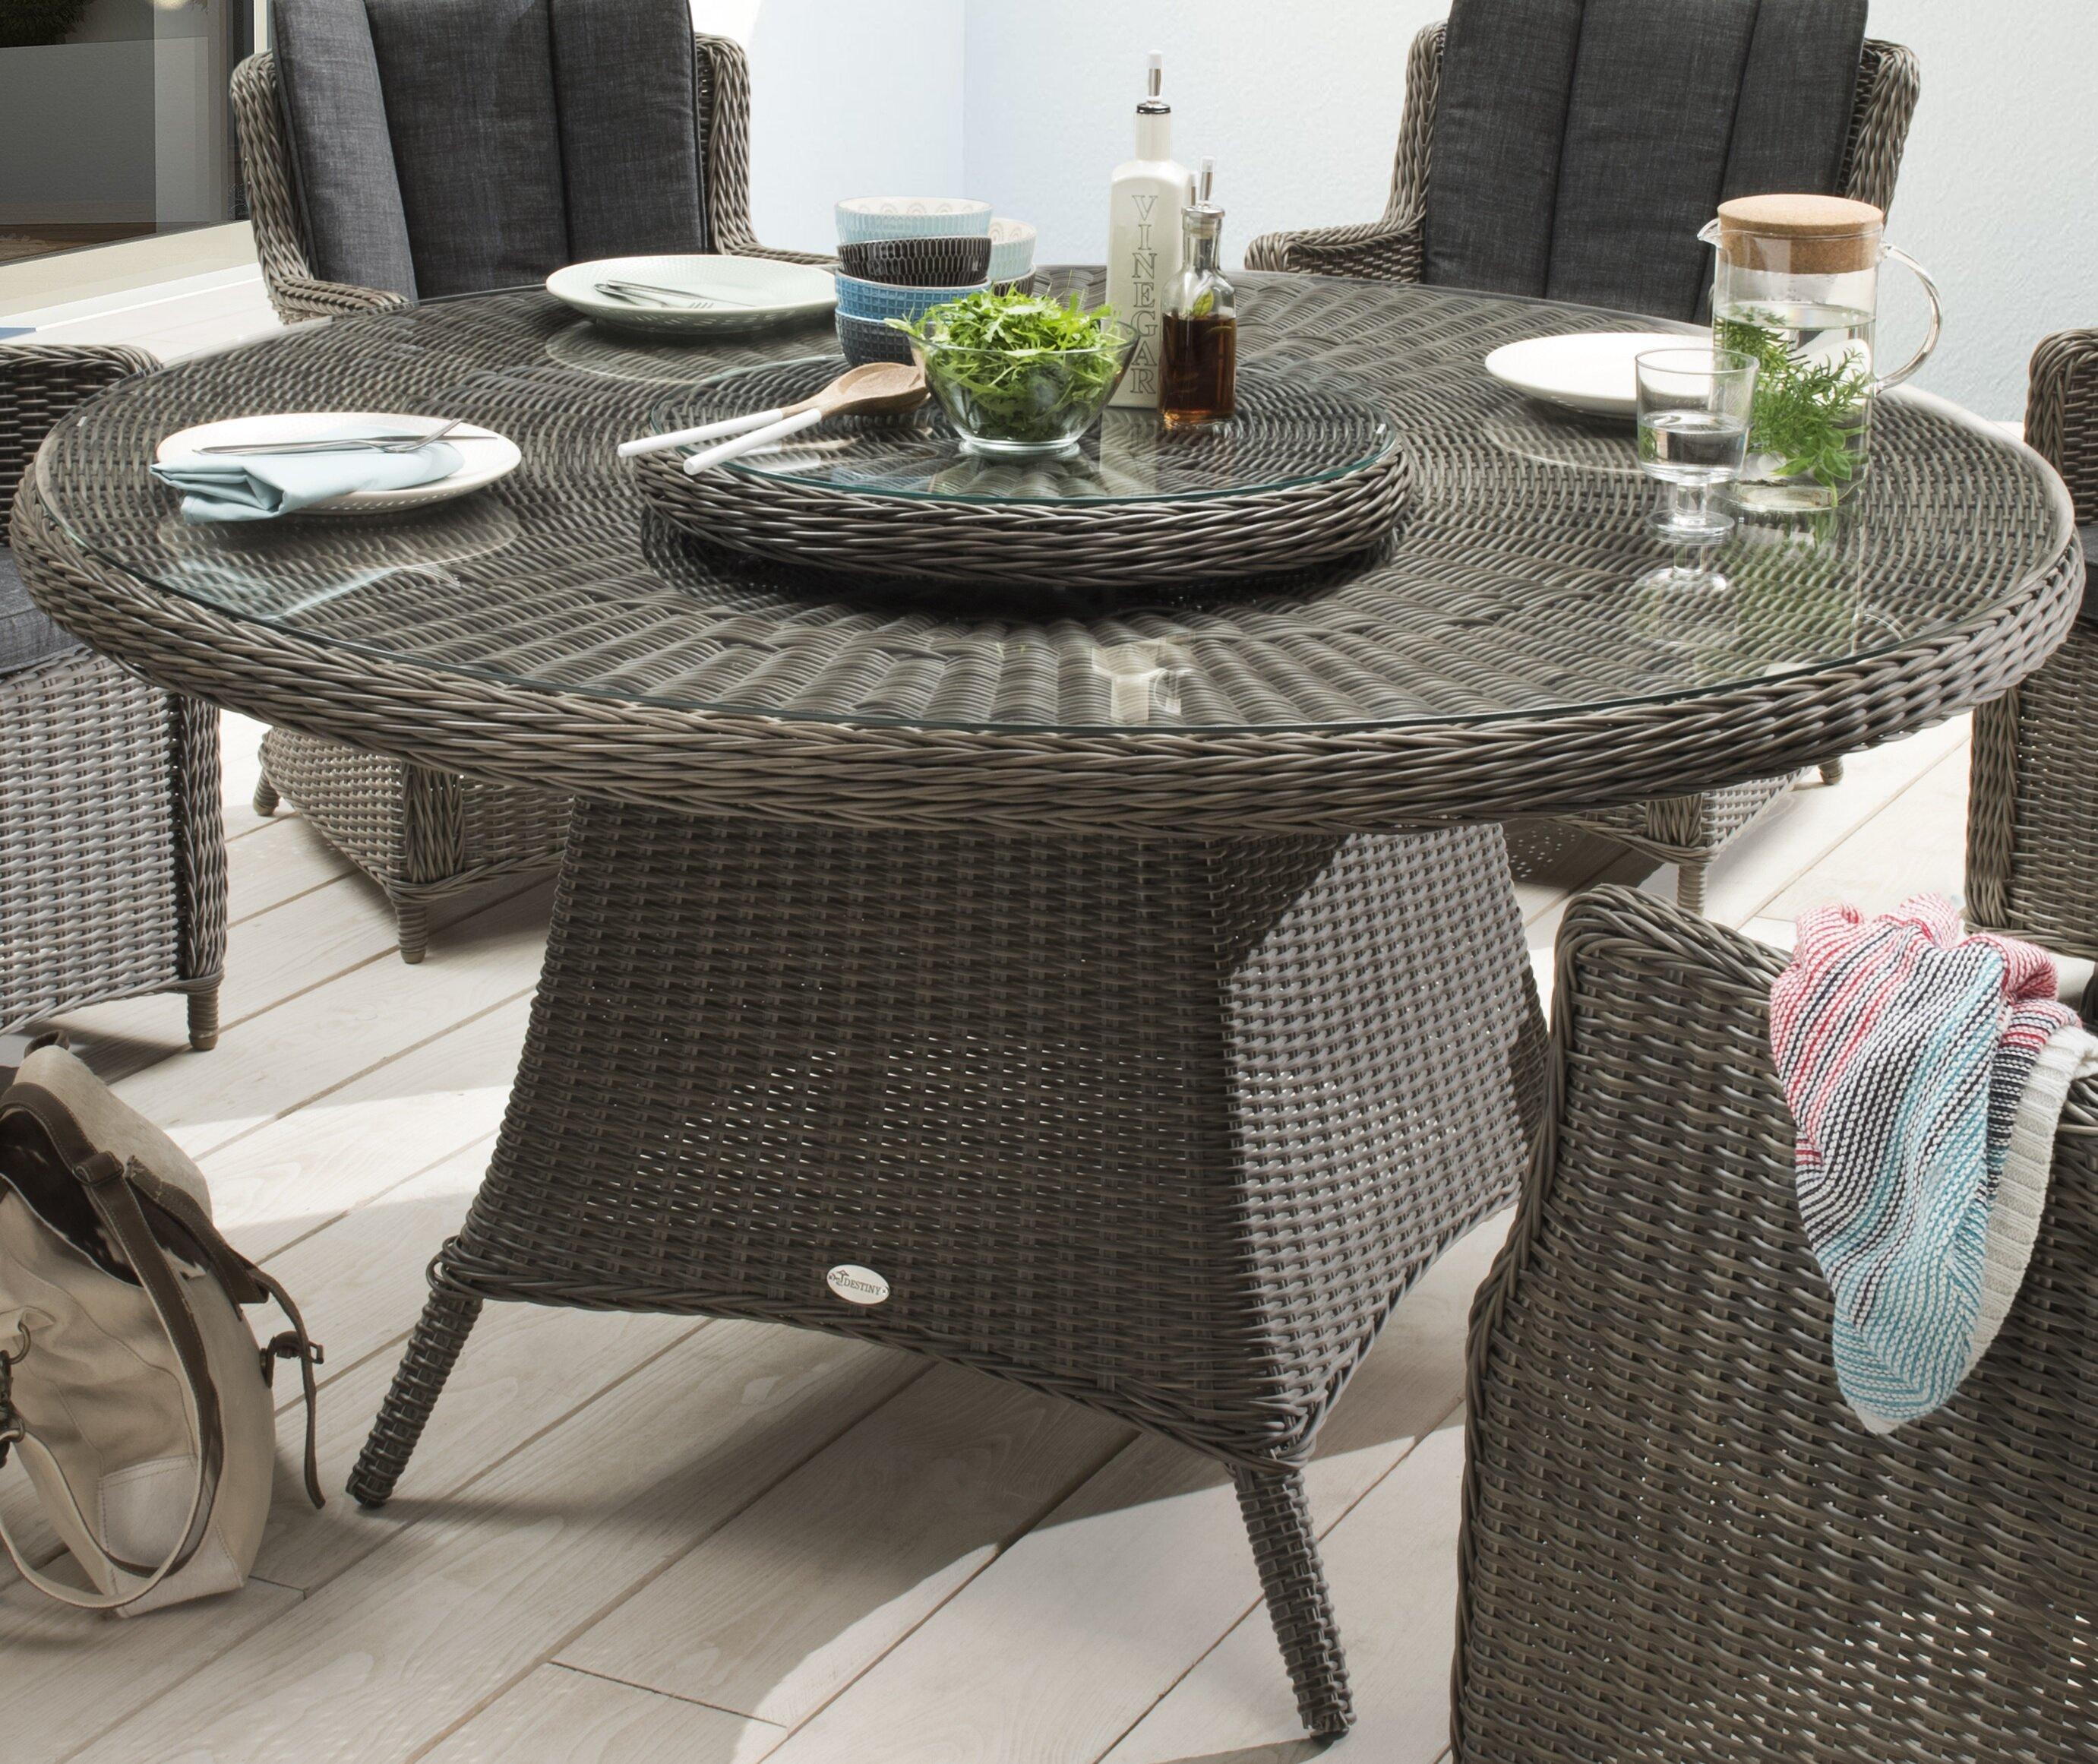 Dakota Fields Sandefur Rattan Dining Table Wayfair Co Uk